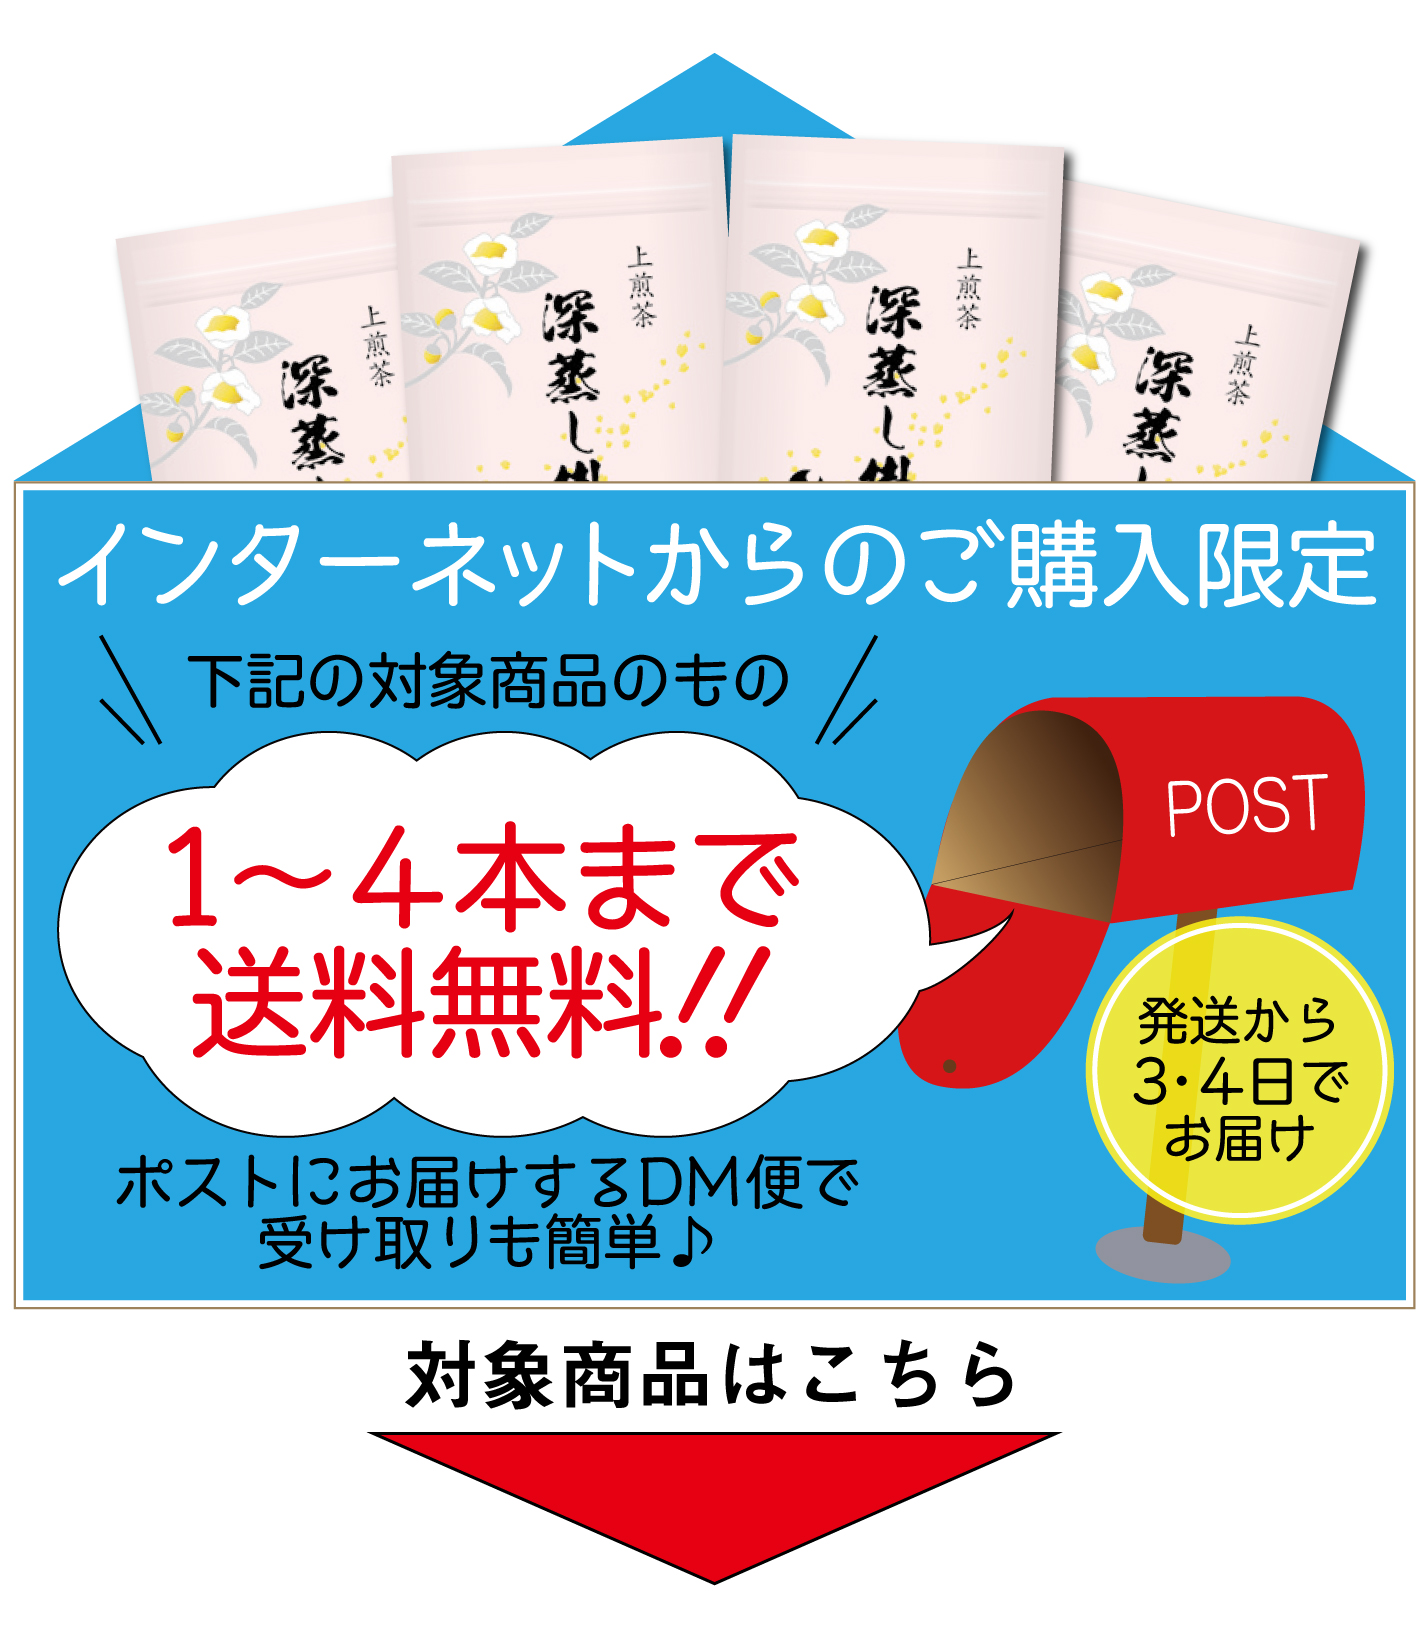 煎茶DM便送料無料キャンペーン